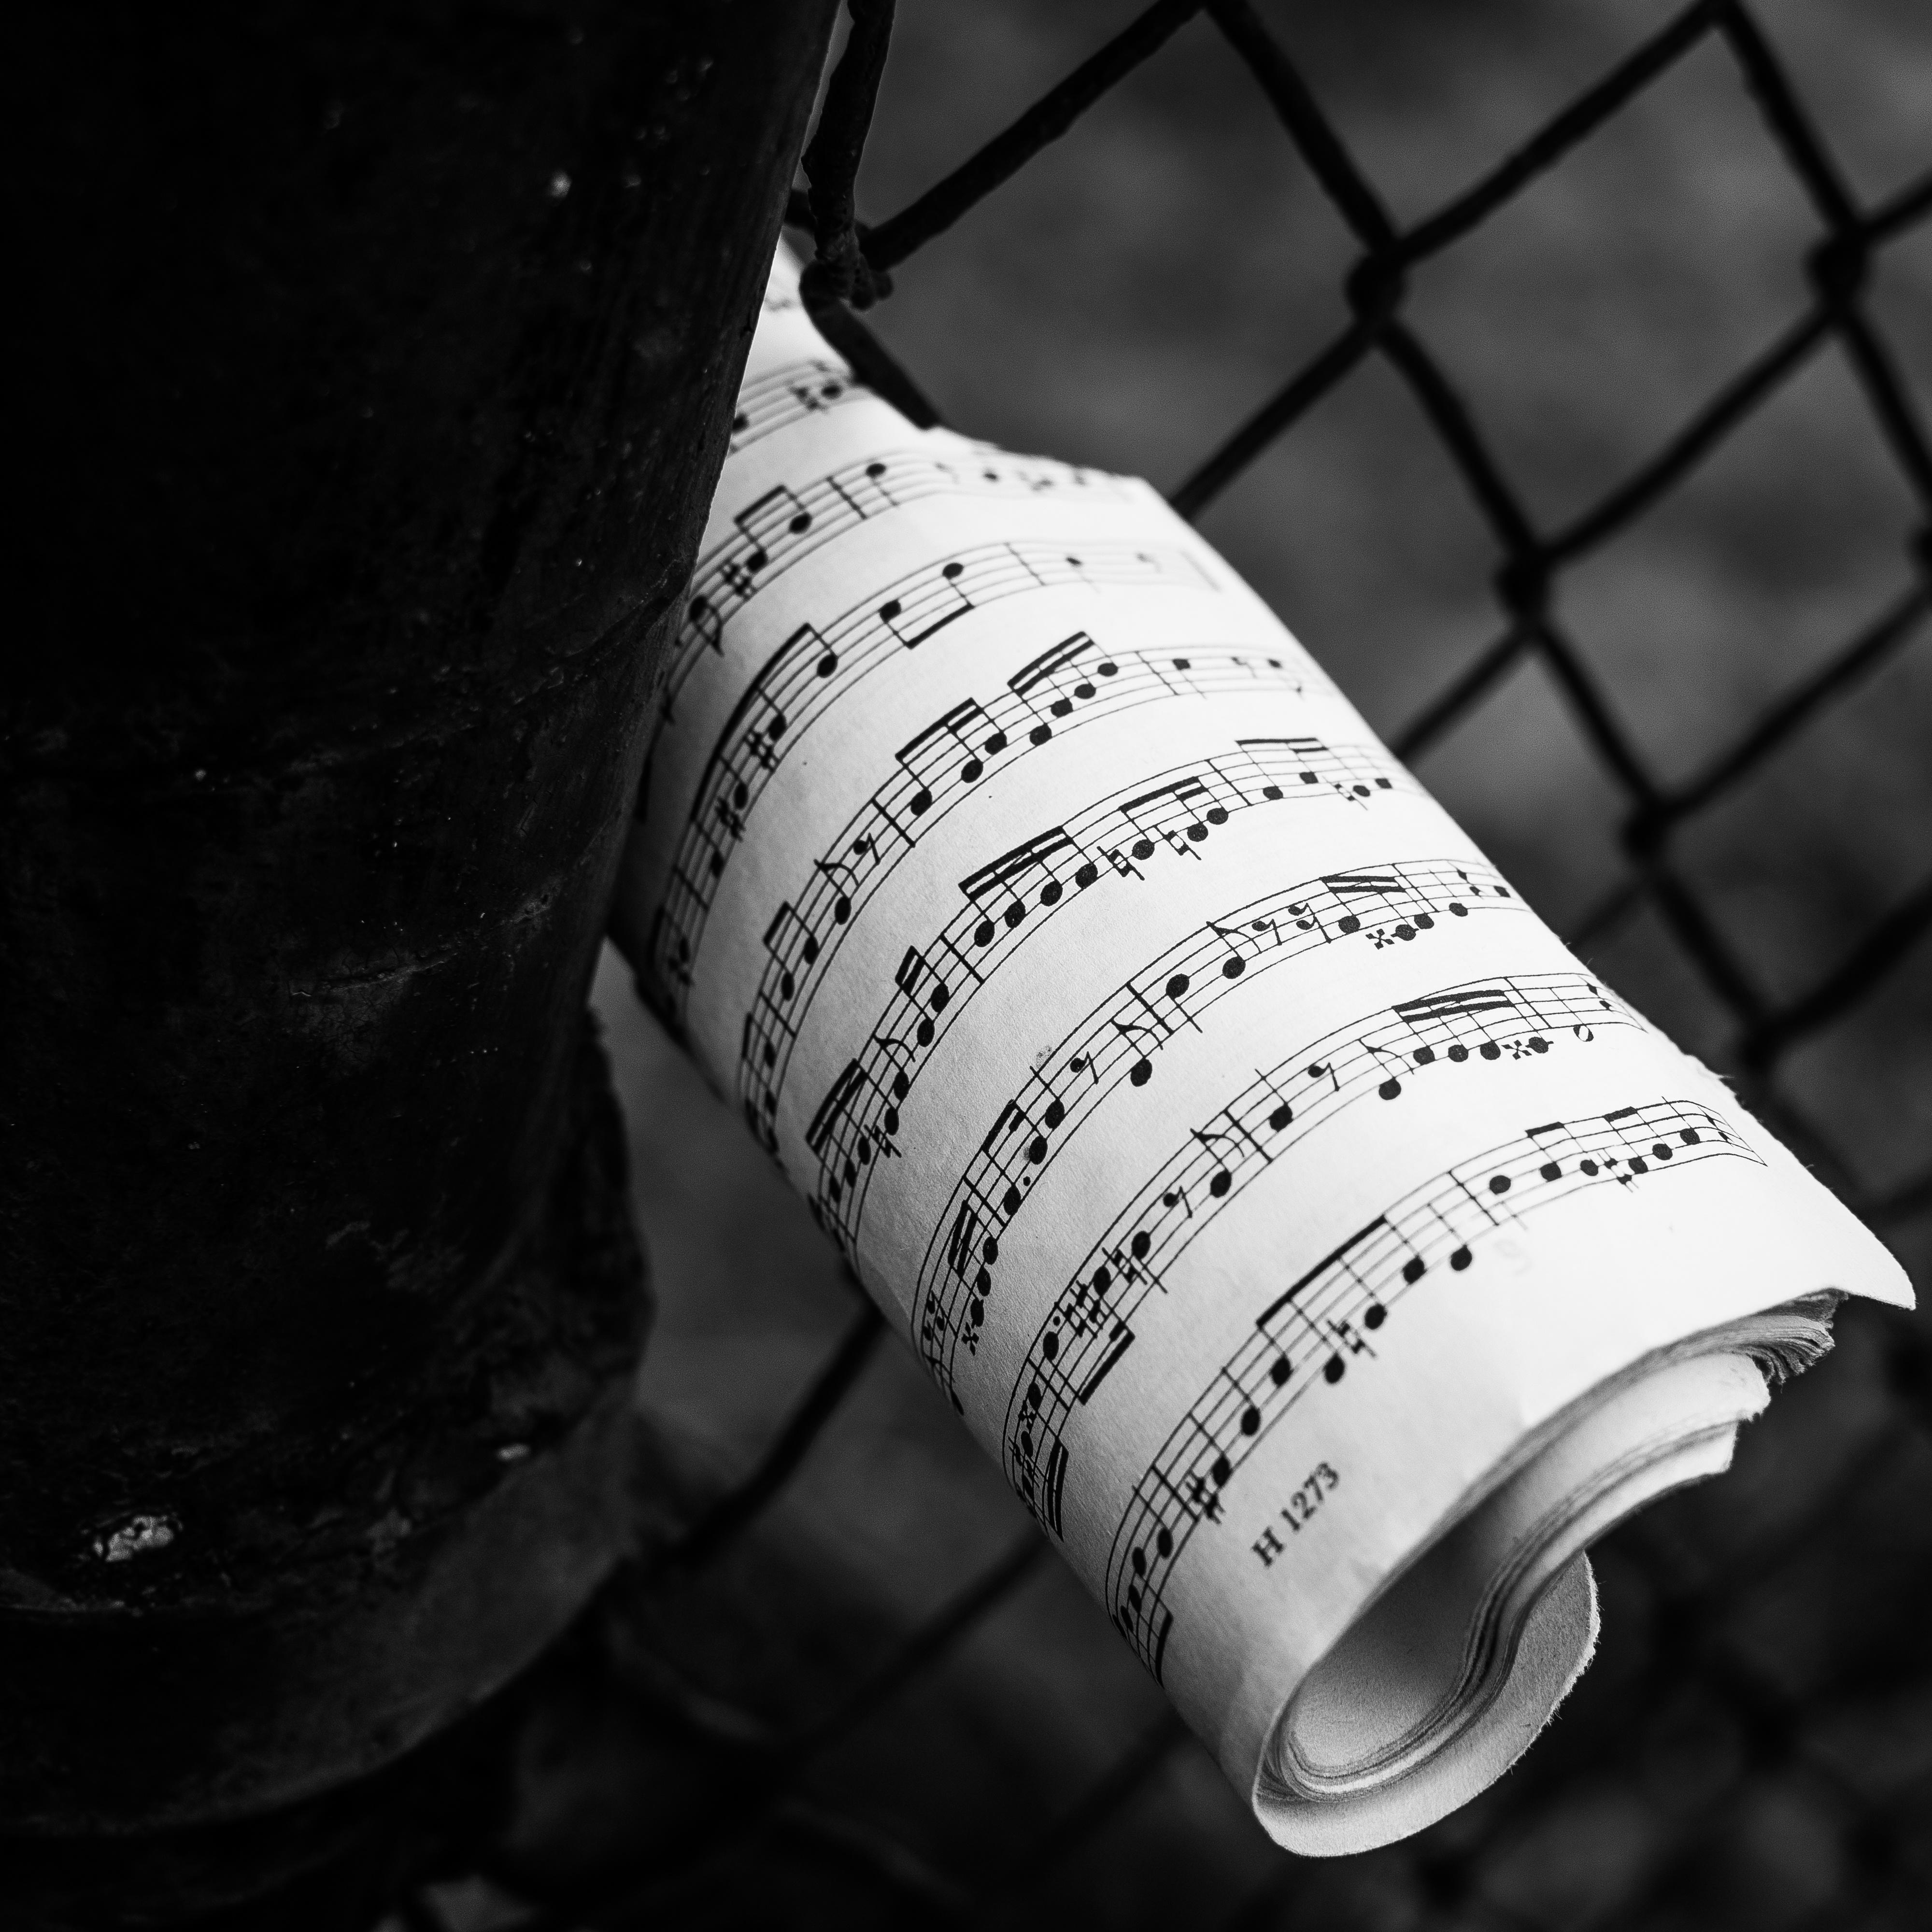 Lezioni-concerto nel carcere di Viterbo il 9 novembre, un messaggio di libertà e di riscatto